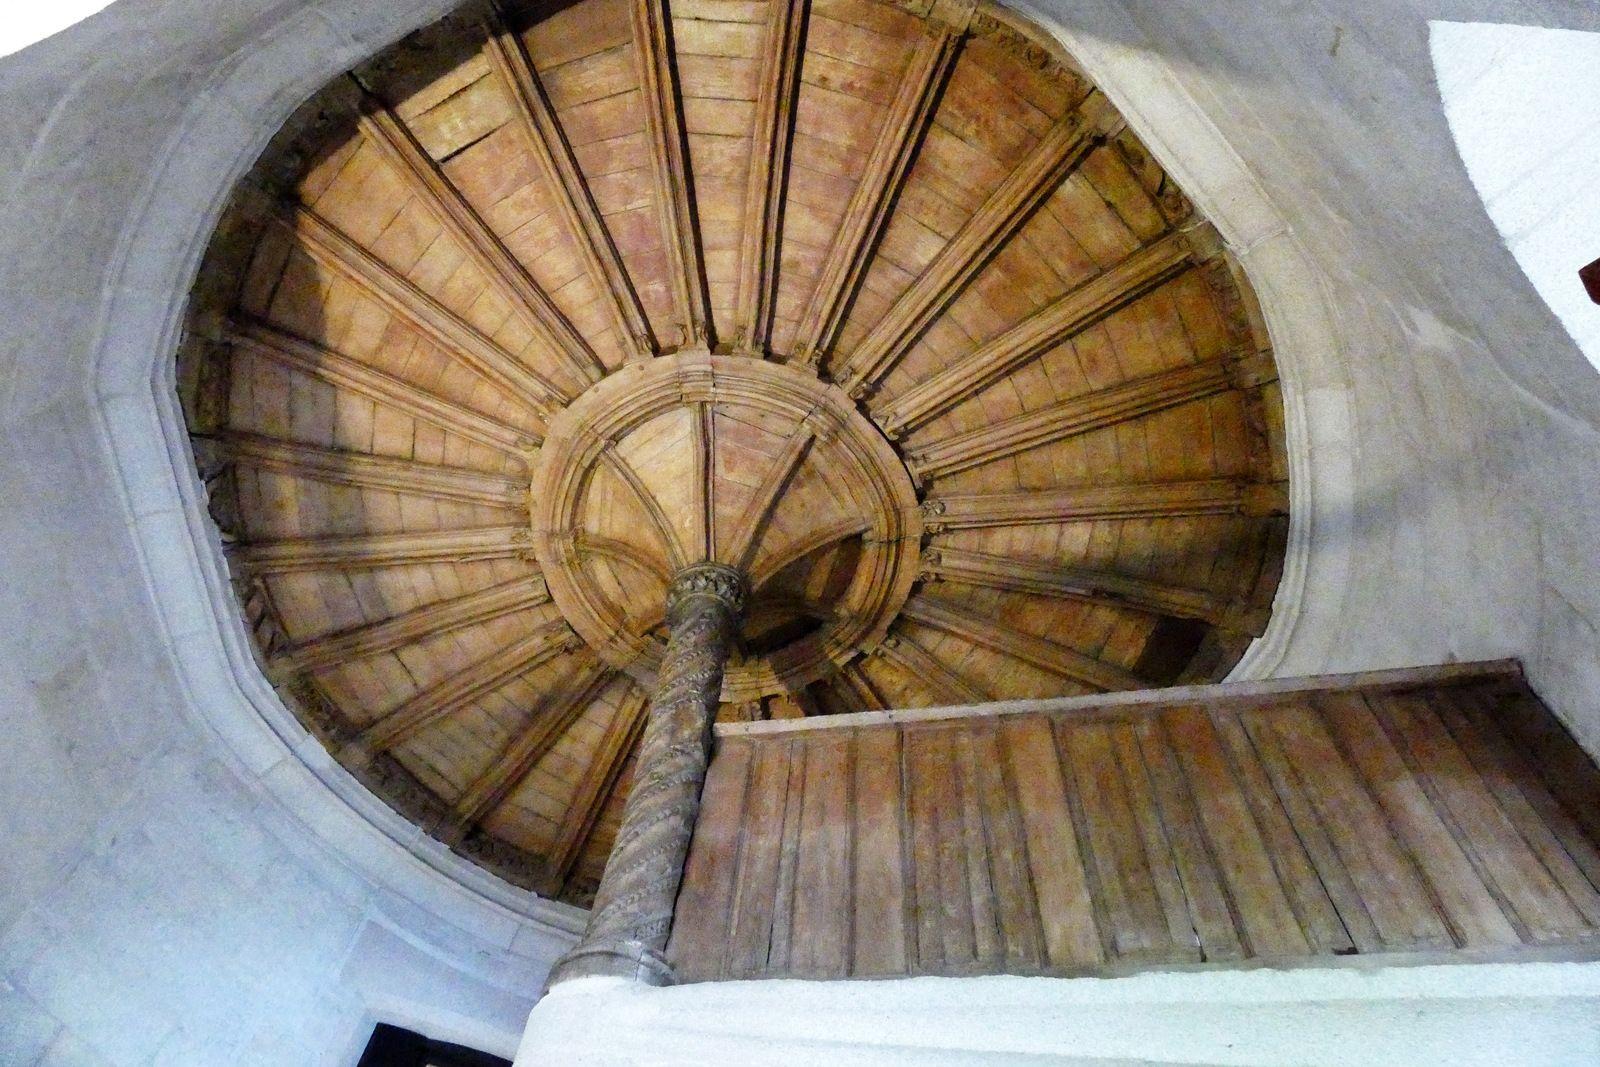 Plafond en palmier (chêne, 1507) de l'escalier du palais épiscopal de Quimper. Photographie lavieb-aile juin 2021.